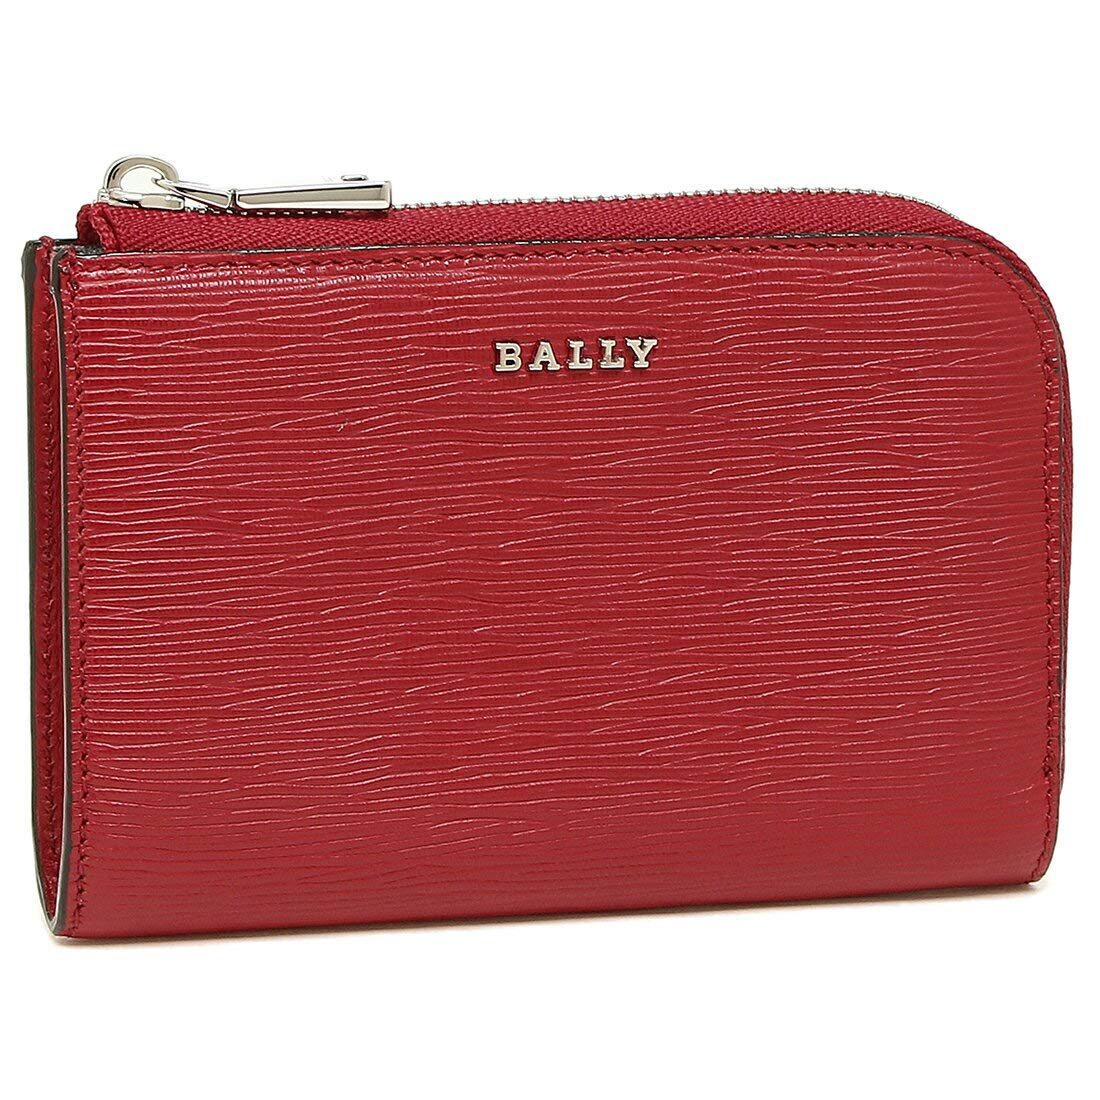 [バリー]カードケース レディース BALLY 6224914 176 レッド [並行輸入品]   B07JD9WPFR